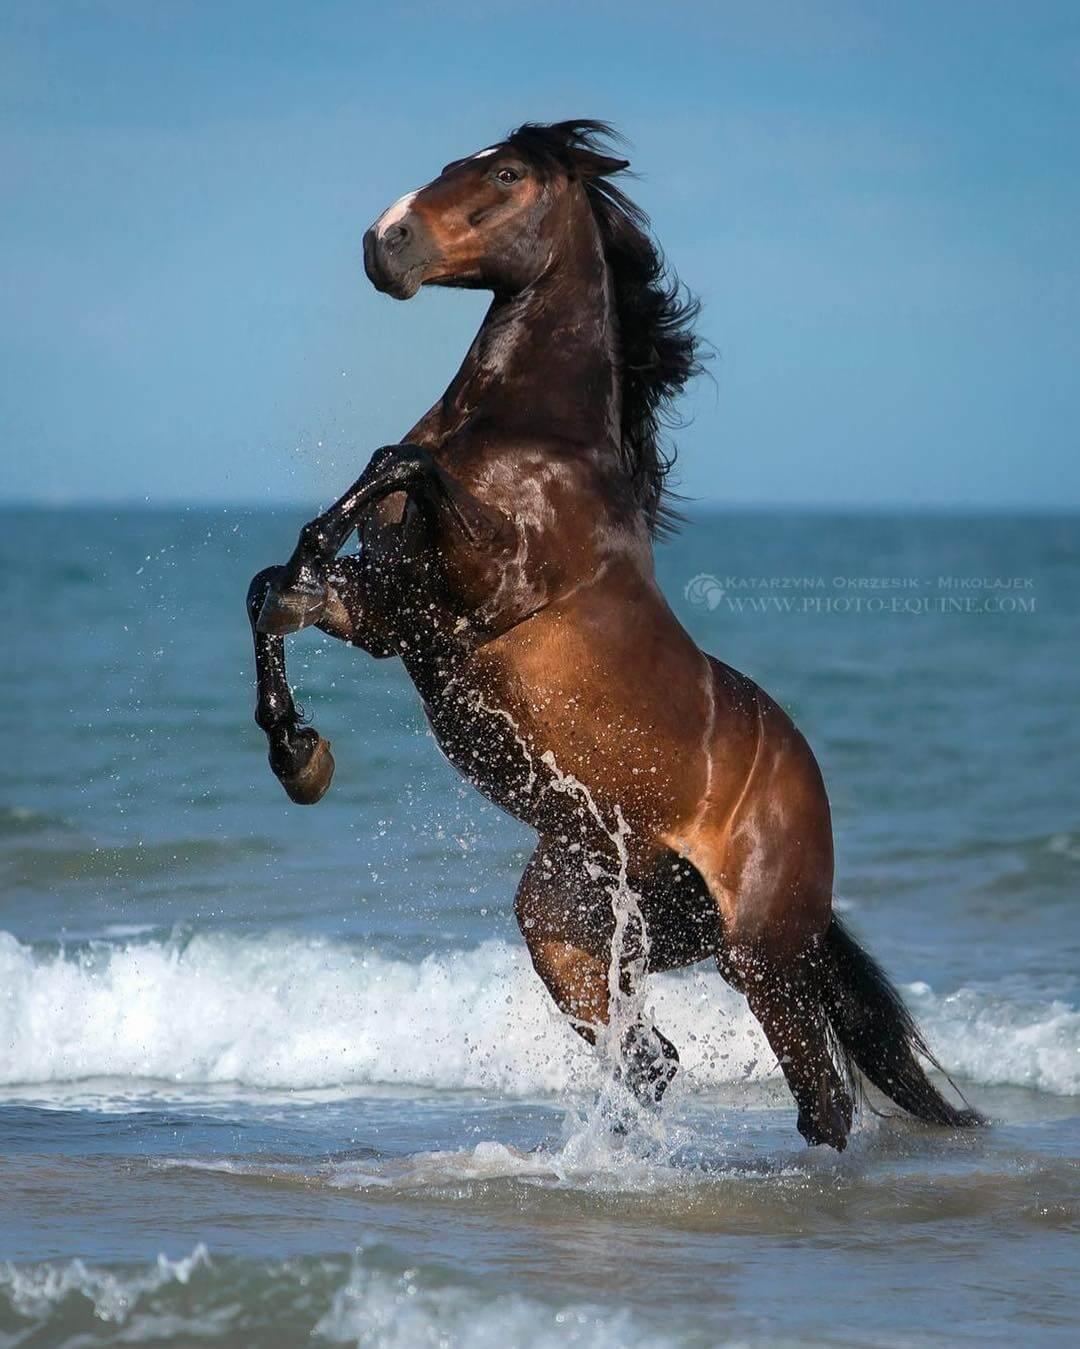 фотографий лошадей, скачущих по волнам океана, фото 12